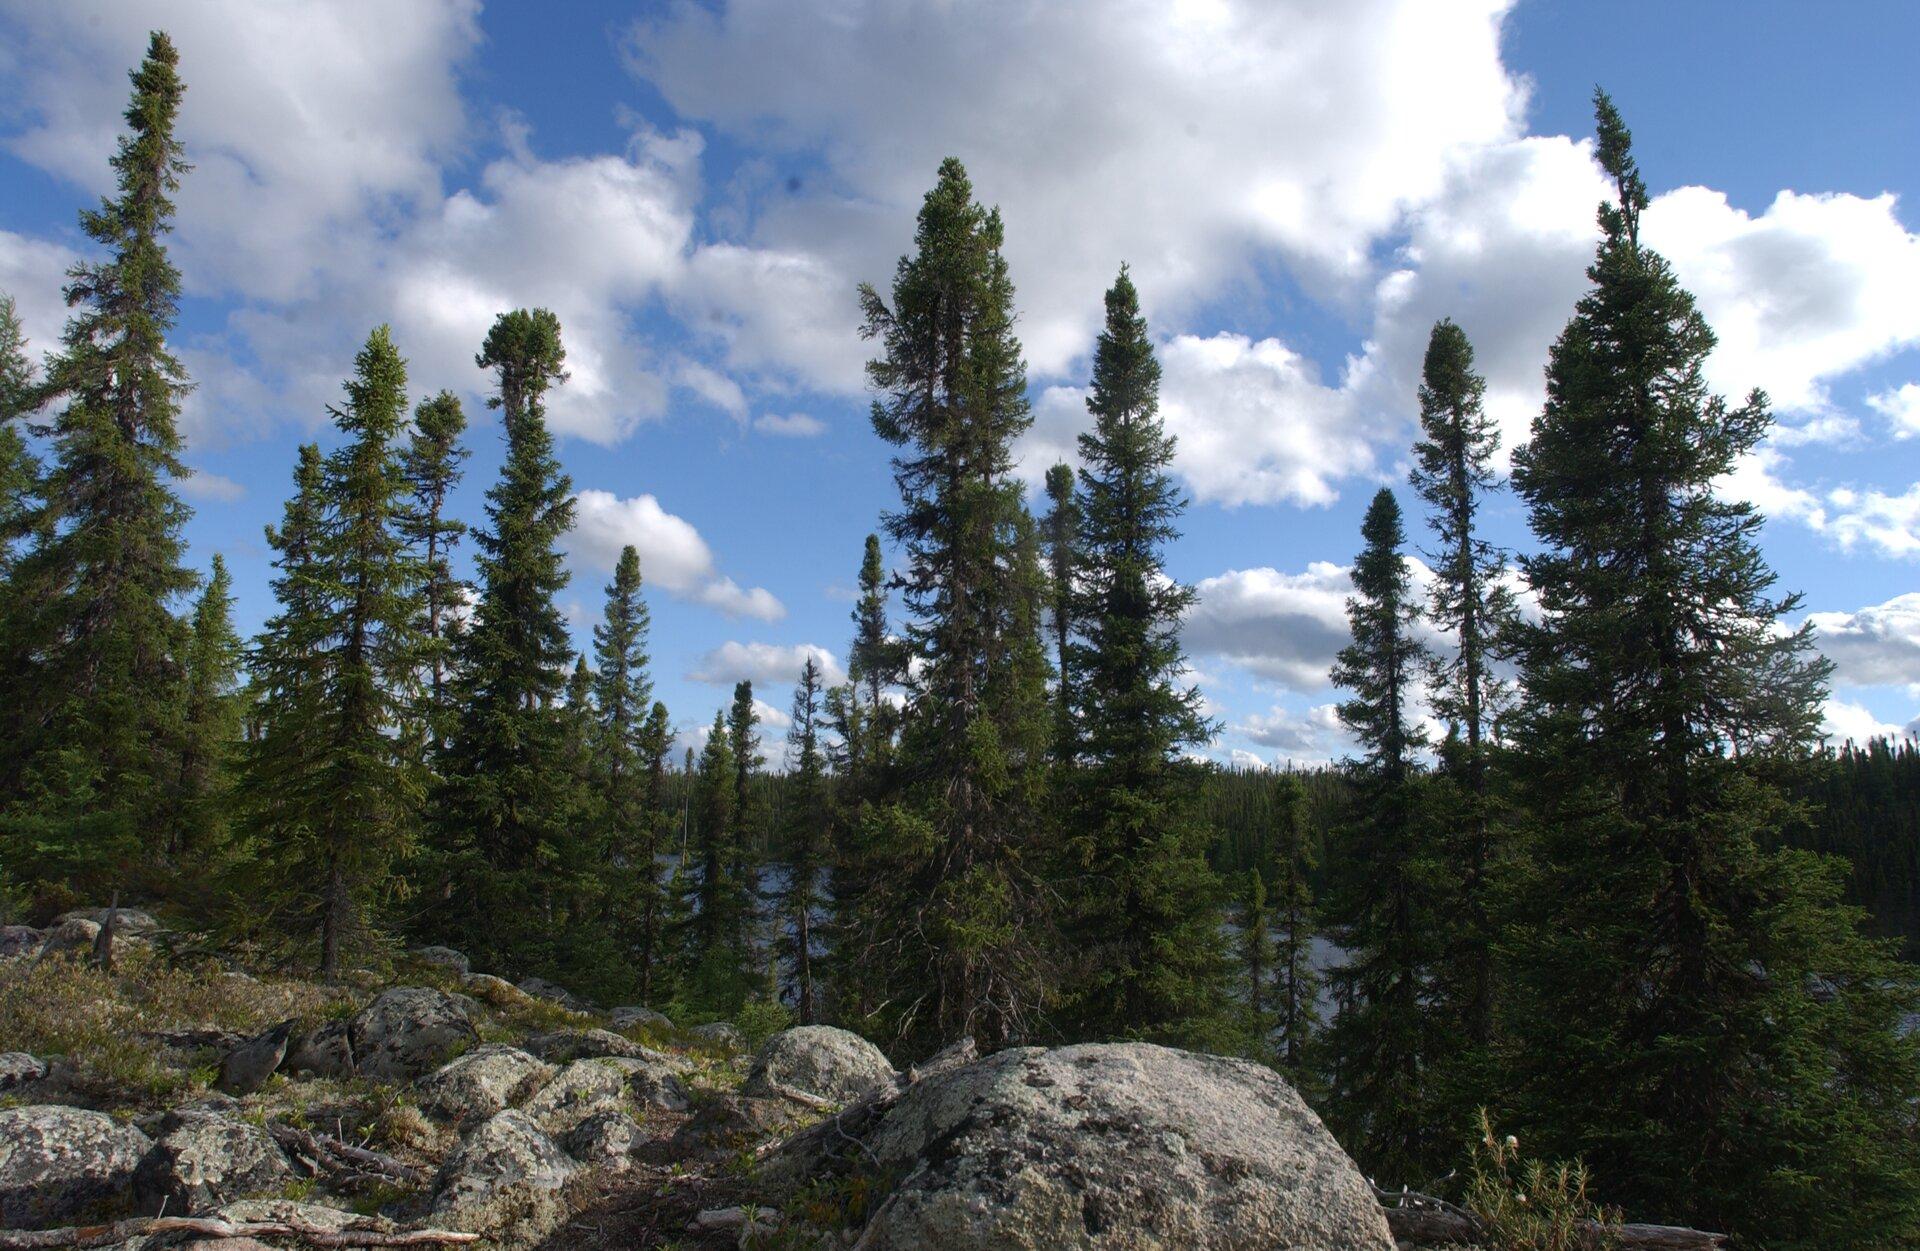 Fotografia prezentuje wąskie, strzeliste korony świerków na tle pokrytego chmurami nieba.